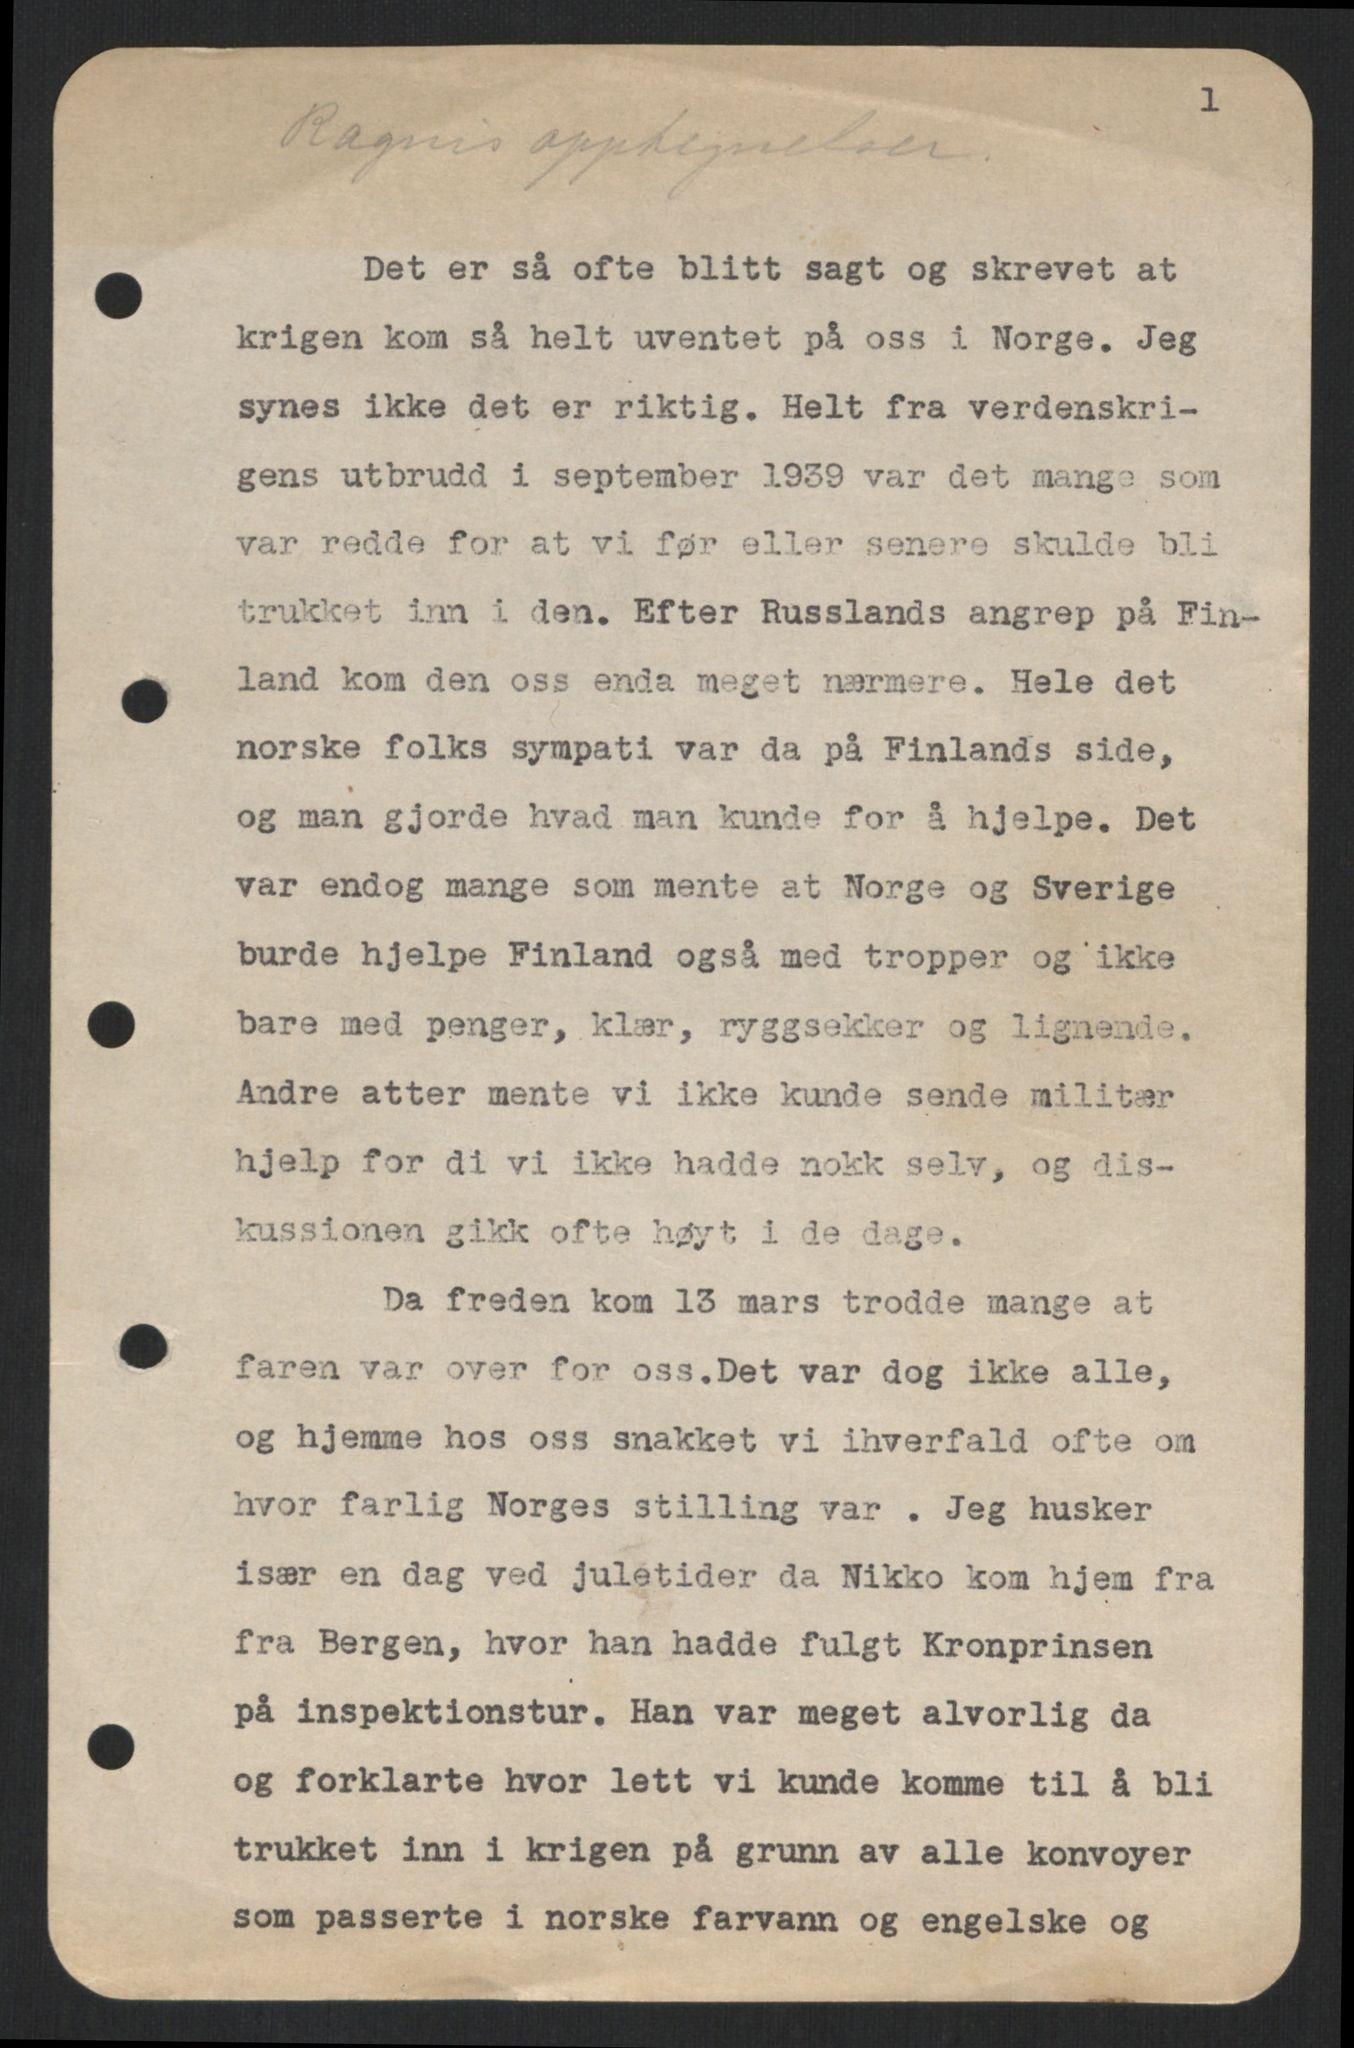 RA, Østgaard, Nikolai Ramm og Ragni, E/Ea/L0001: Kongefamilien under 2. verdenskrig, 1940-1945